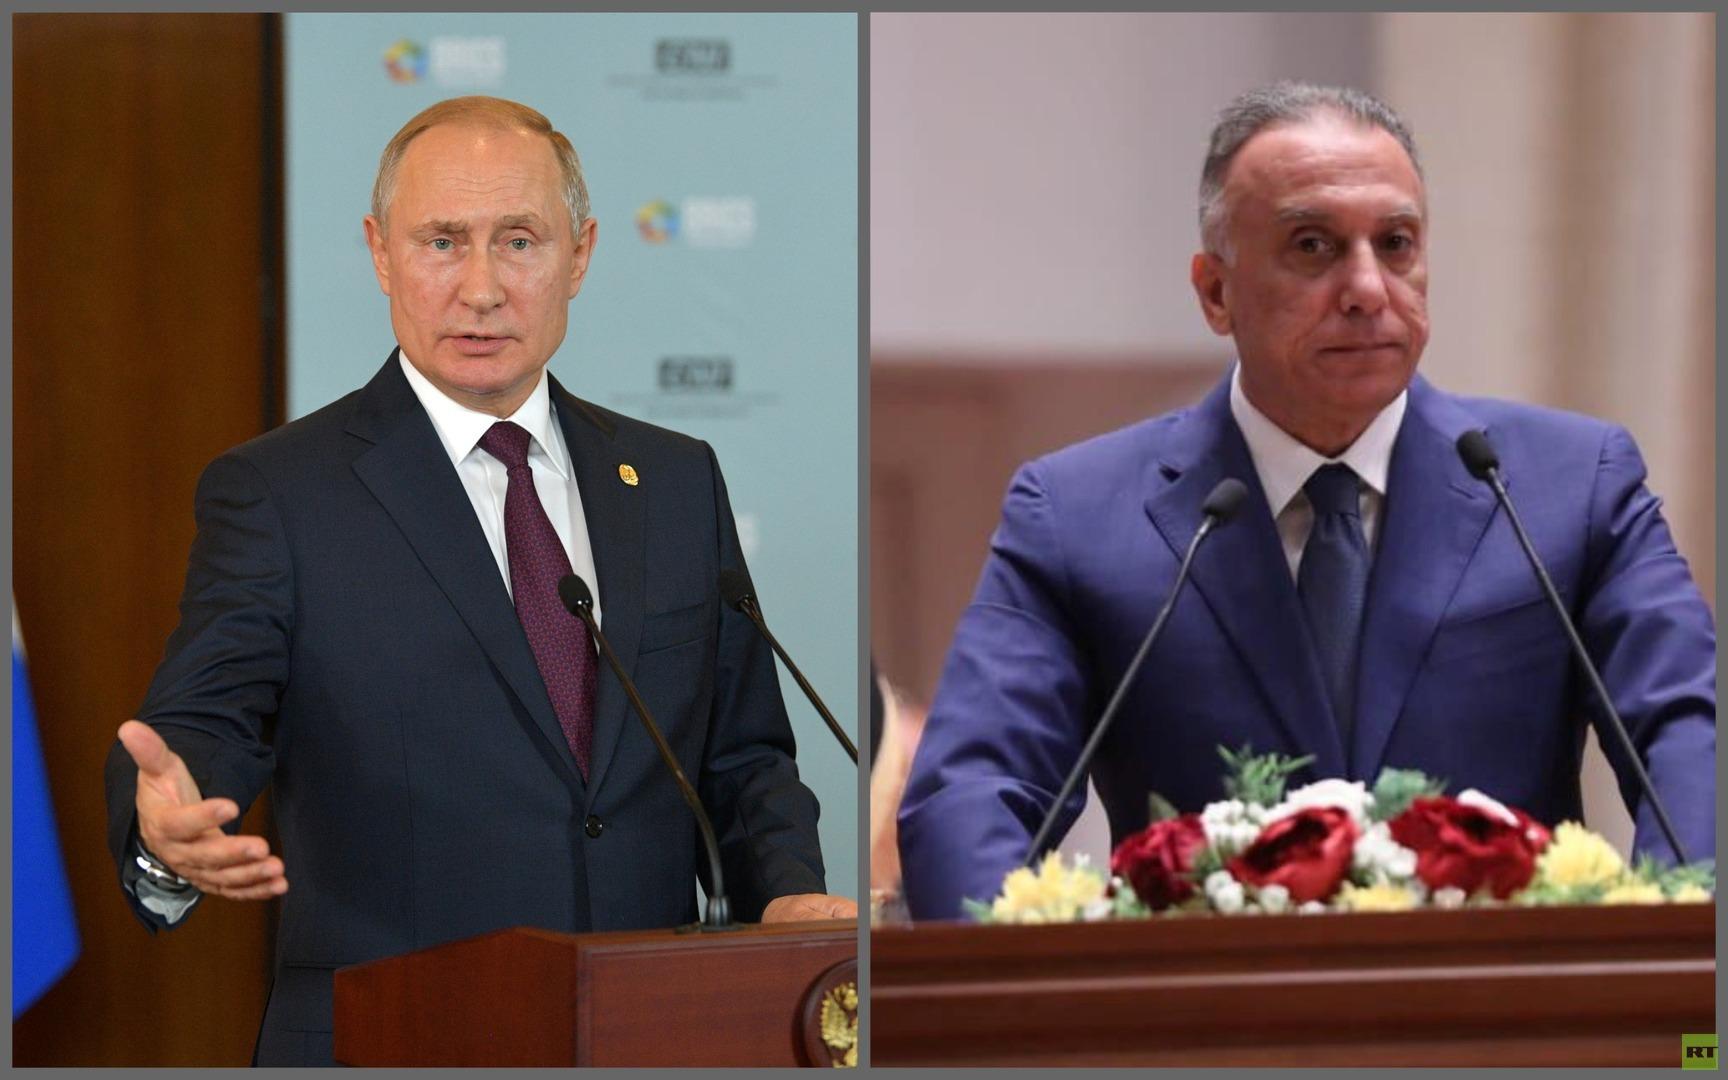 الرئيس الروسي فلاديمير بوتين ورئيس الوزراء العراقي مصطفى الكاظمي